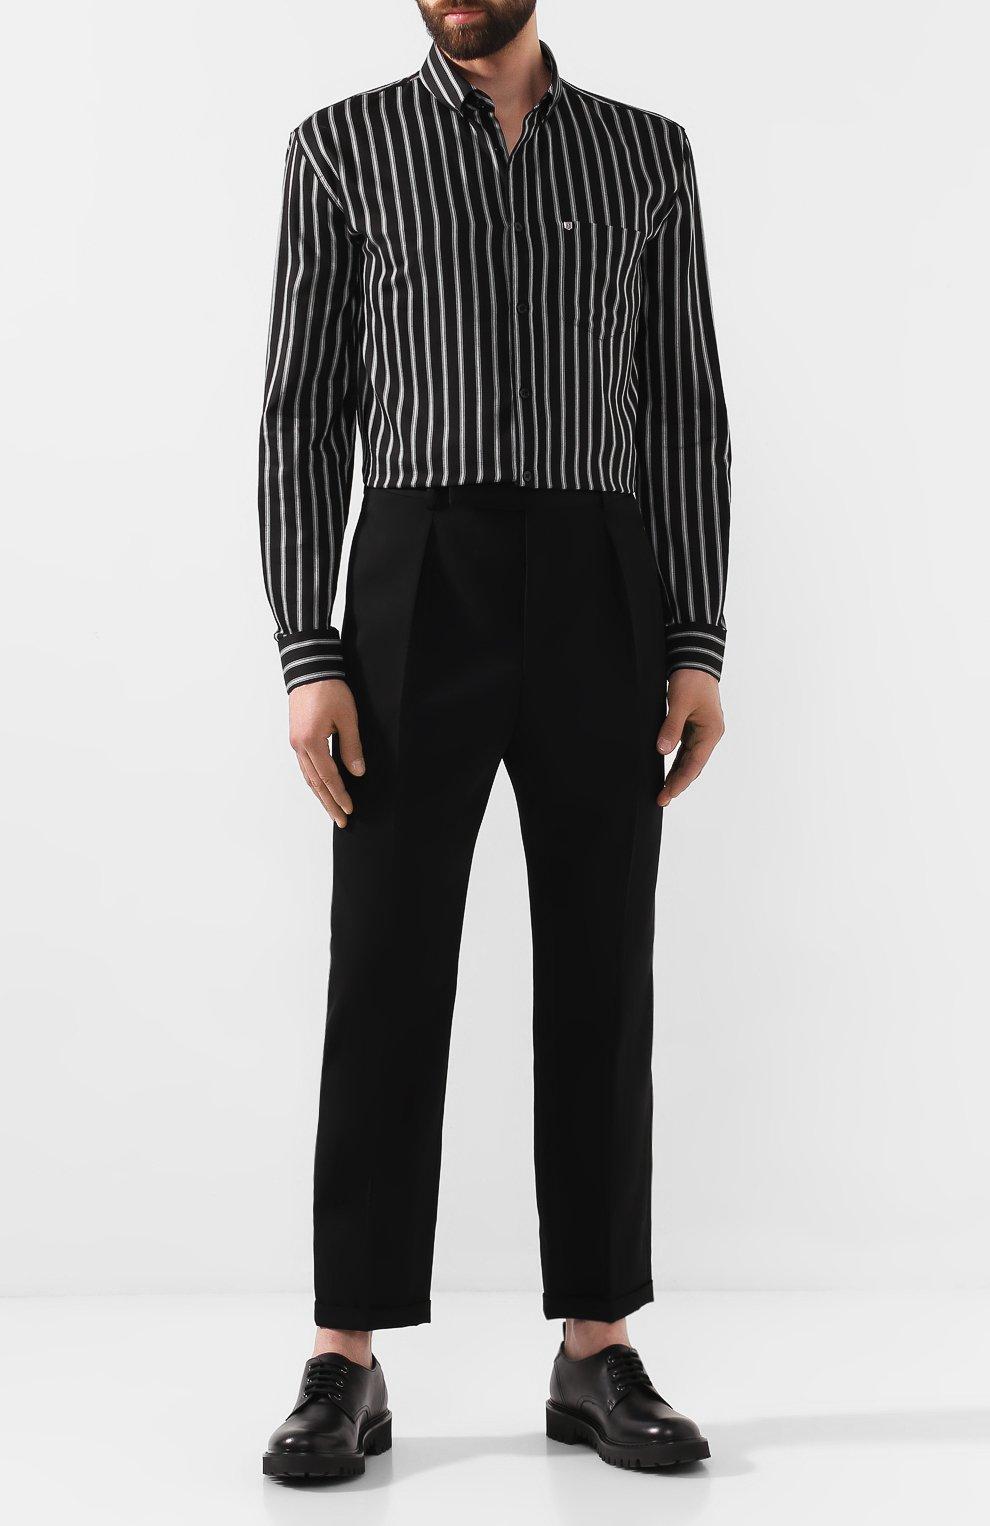 Мужские шерстяные брюки SAINT LAURENT черного цвета, арт. 563592/Y028V | Фото 2 (Материал внешний: Шерсть; Длина (брюки, джинсы): Стандартные; Случай: Повседневный, Формальный; Стили: Классический; Материал подклада: Шелк)